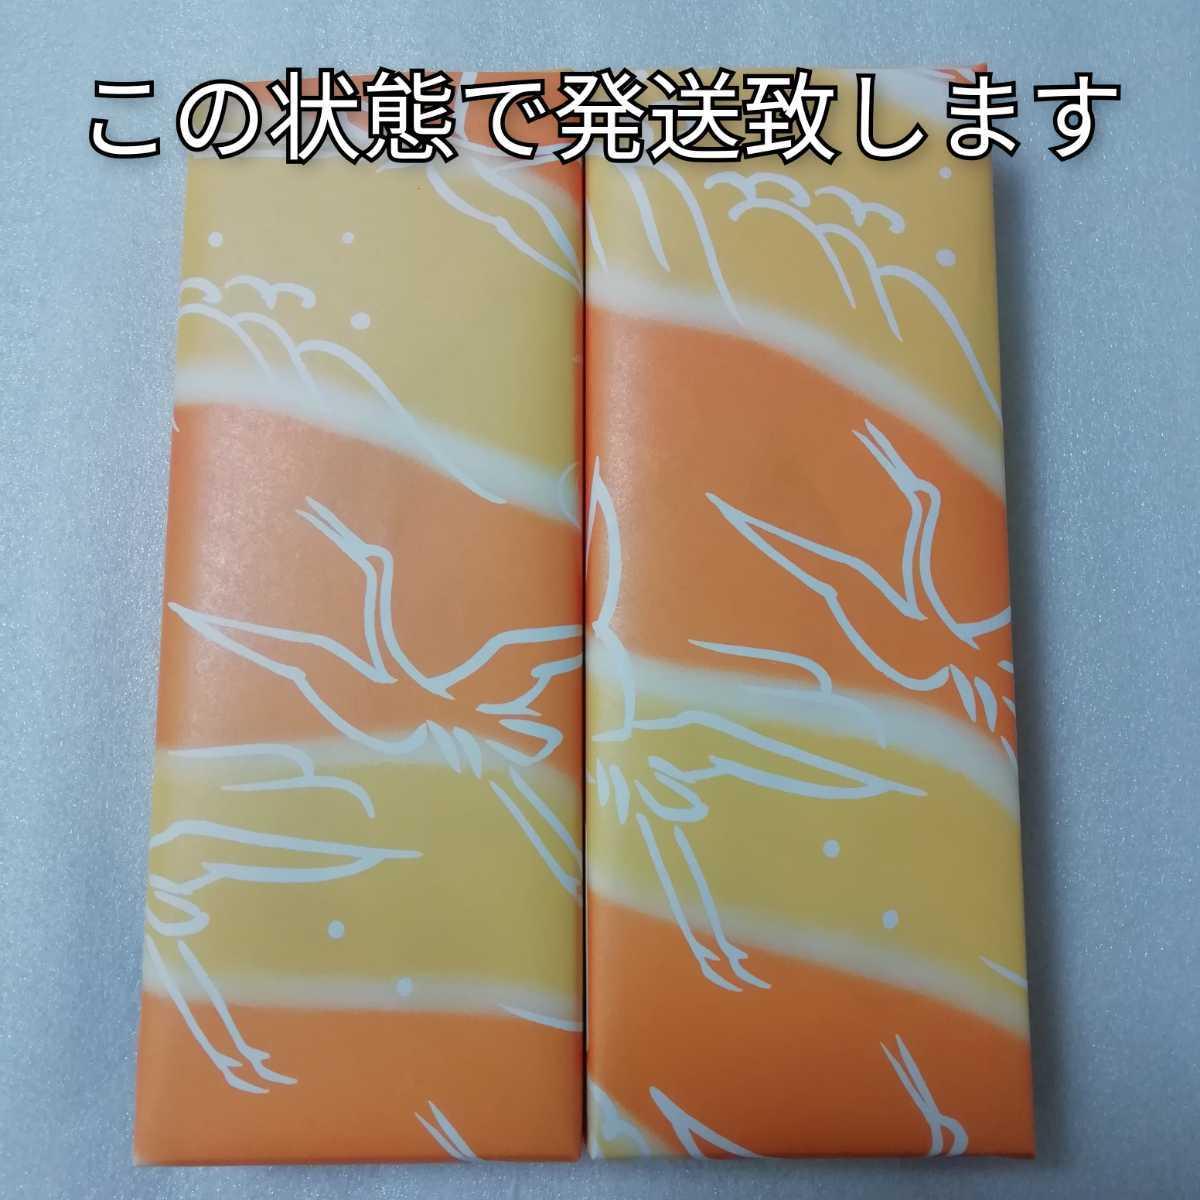 鶴屋吉信 柚餅 2箱セット 和菓子 お菓子_画像5